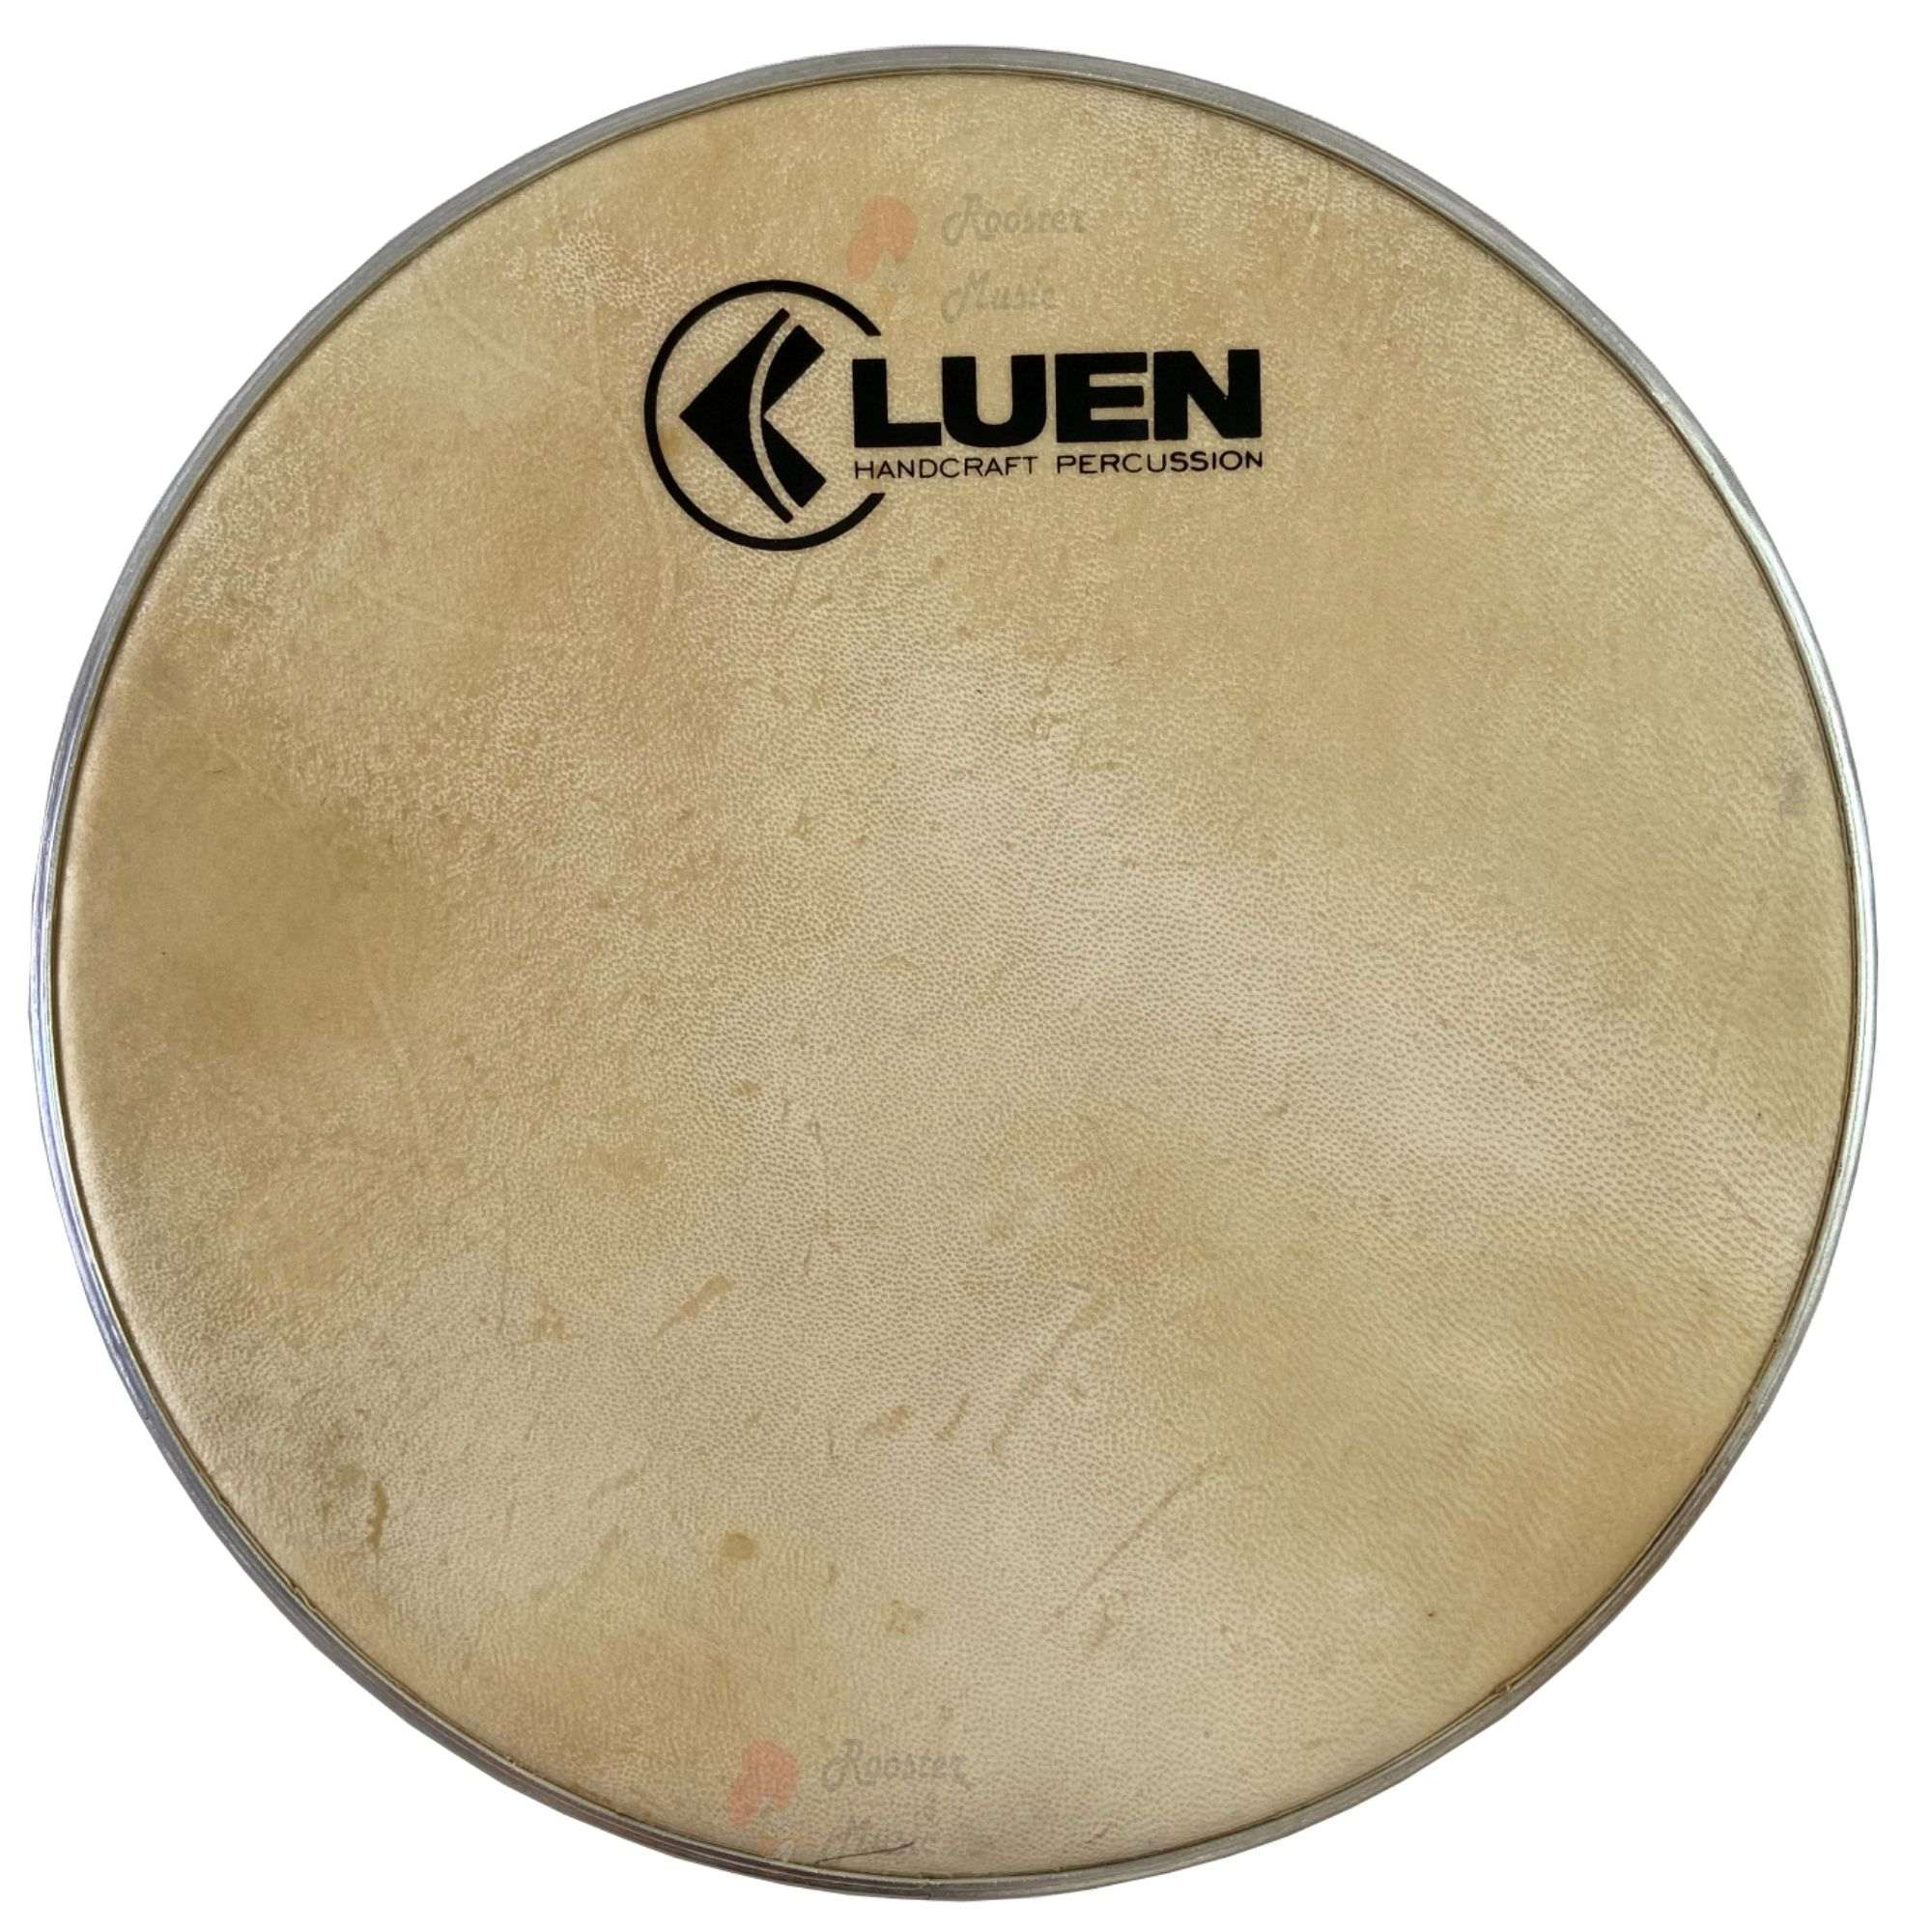 Pele de Cabra 10 polegadas da LUEN para instrumento de percussão.